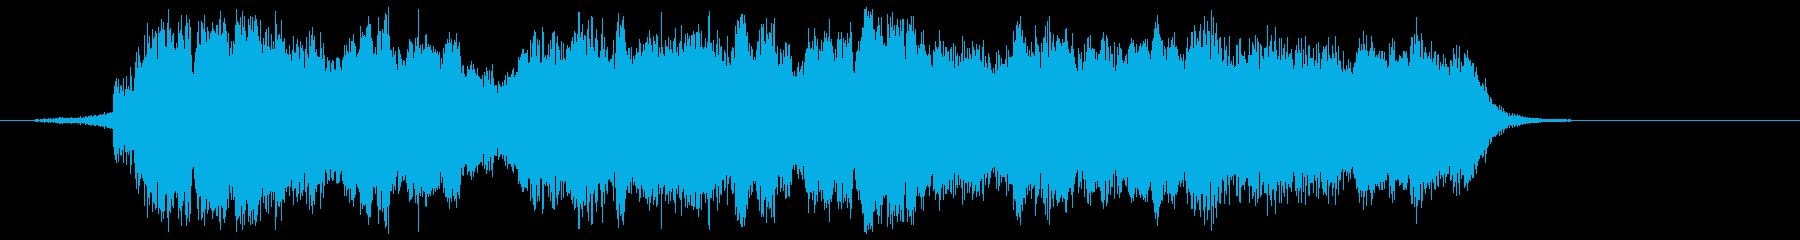 雄大なオーケストラのジングルの再生済みの波形